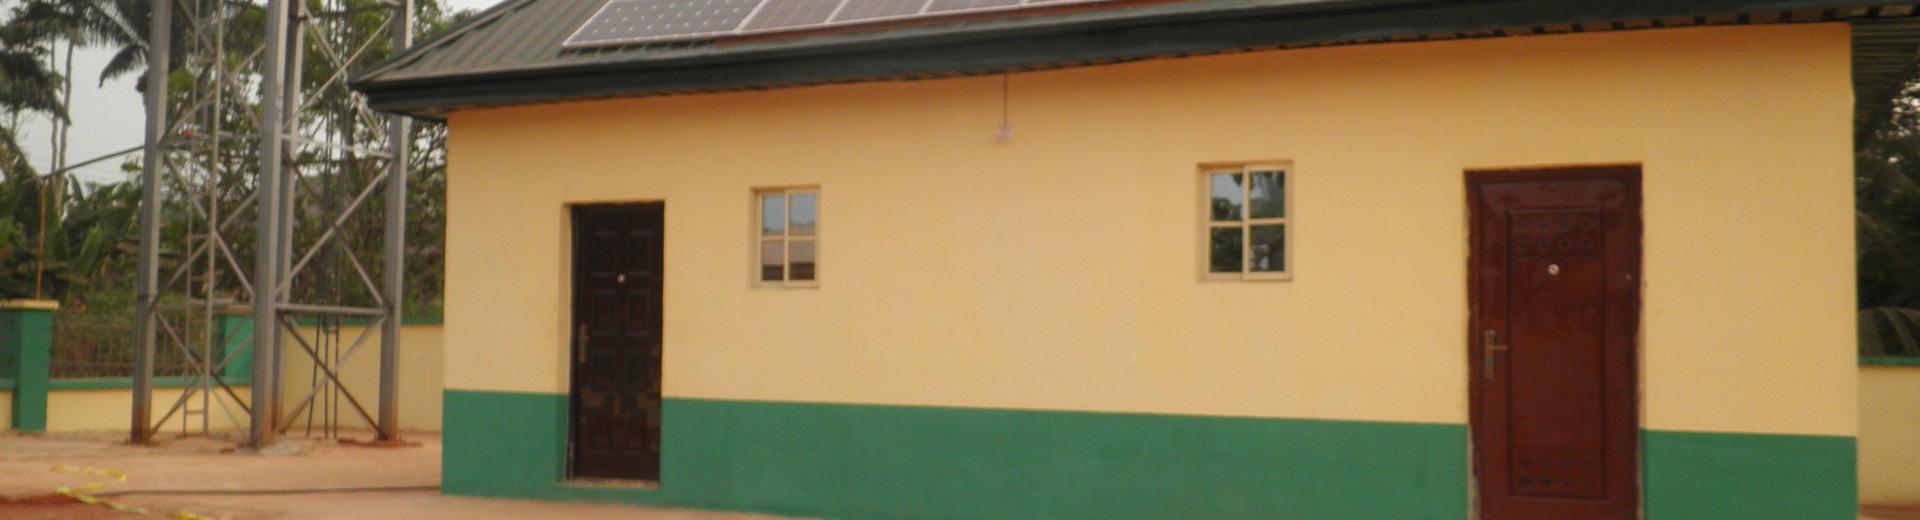 School Malawi